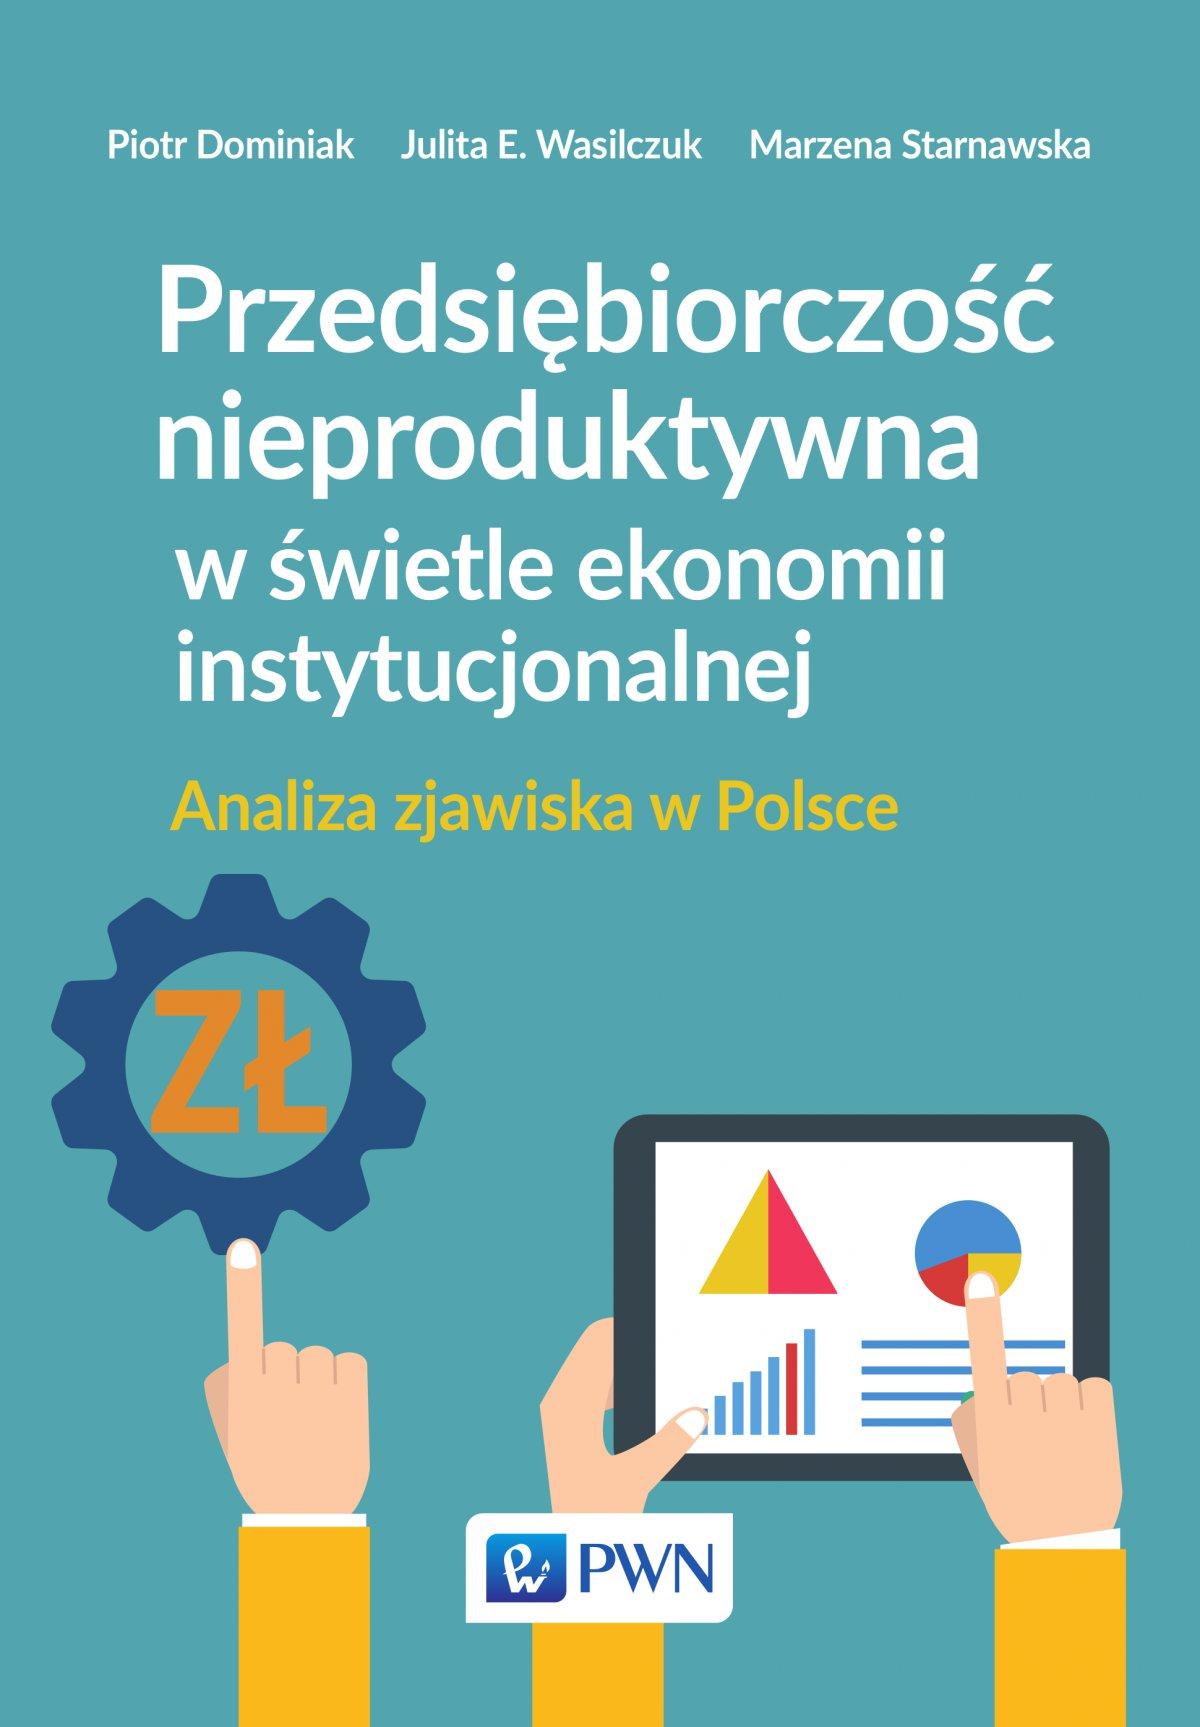 Przedsiębiorczość nieproduktywna w świetle ekonomii instytucjonalnej. Analiza zjawiska w Polsce - Ebook (Książka na Kindle) do pobrania w formacie MOBI